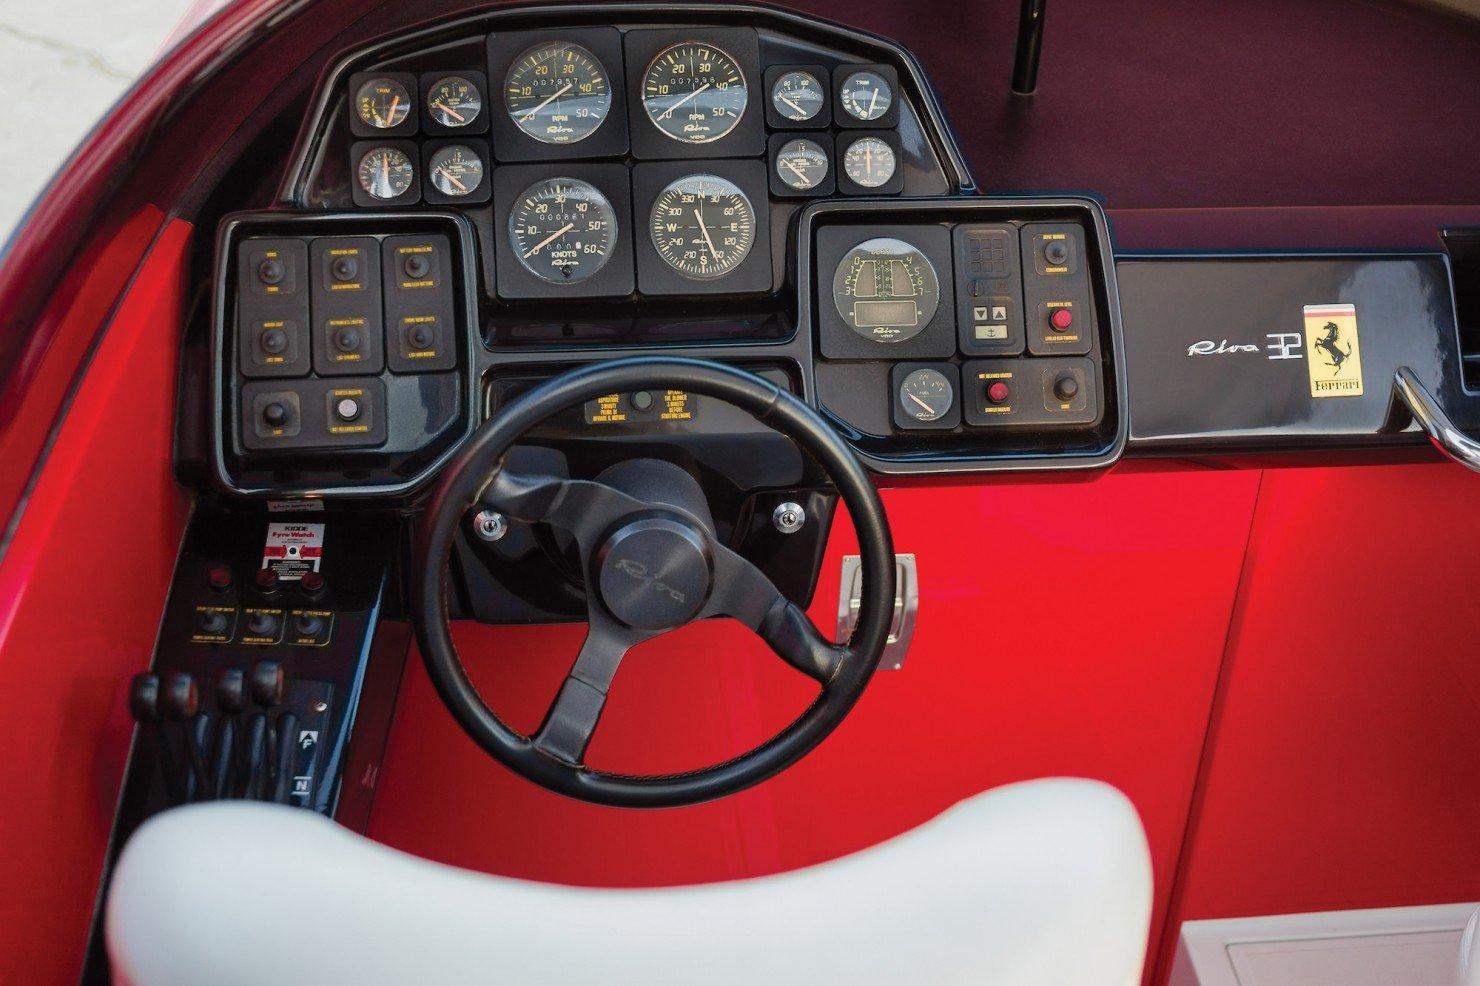 Riva Ferrari 32 3